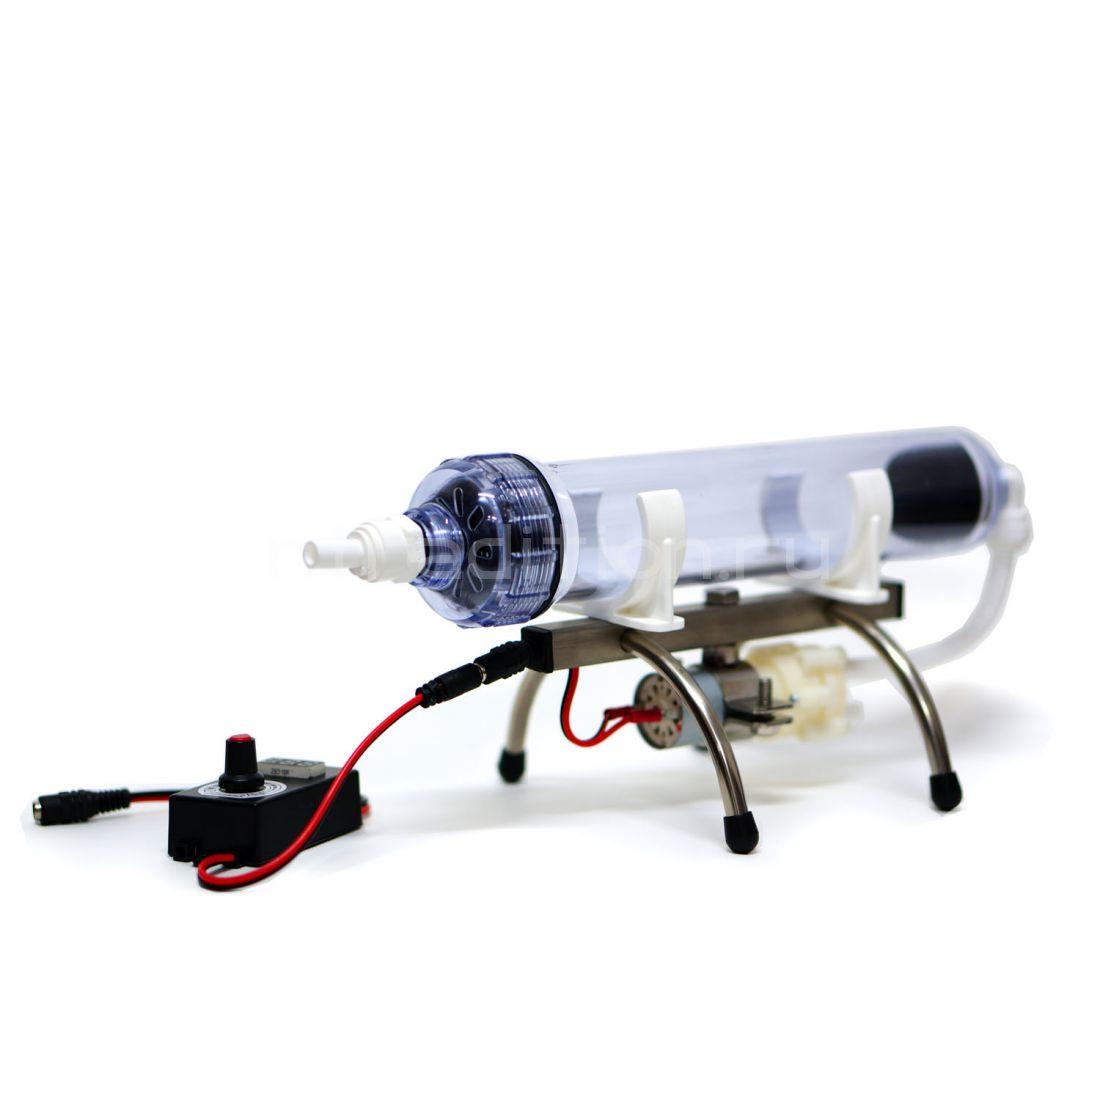 Фильтрующее устройство Дистив с регулятором напряжения